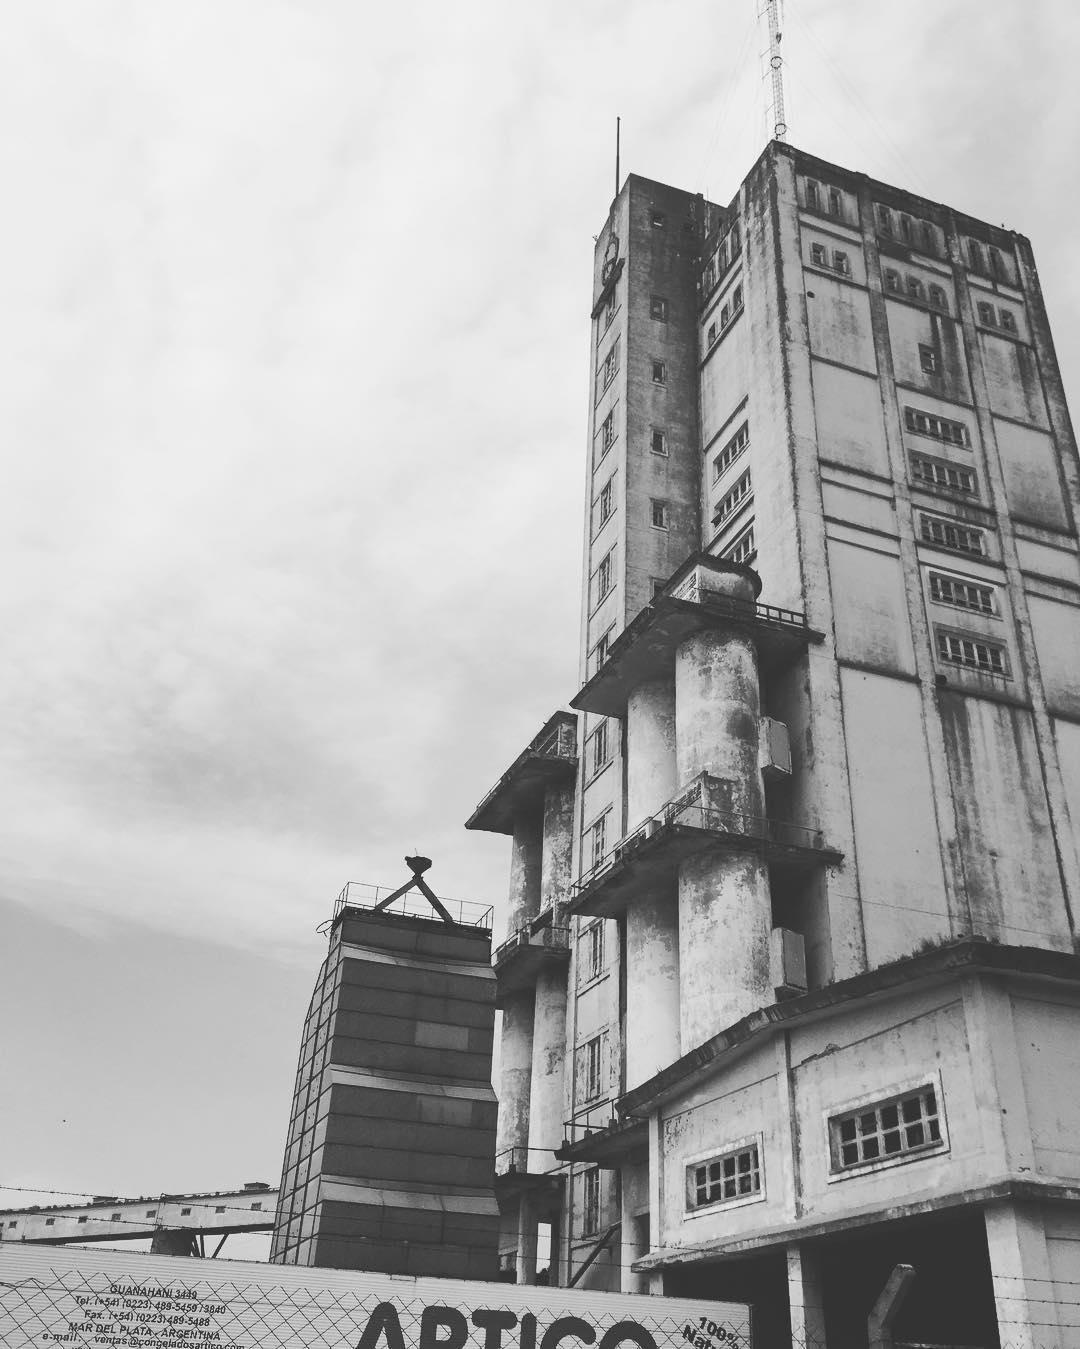 Hay un pasado que construye una posibilidad #sepuede #mardelplata #industriaargentina